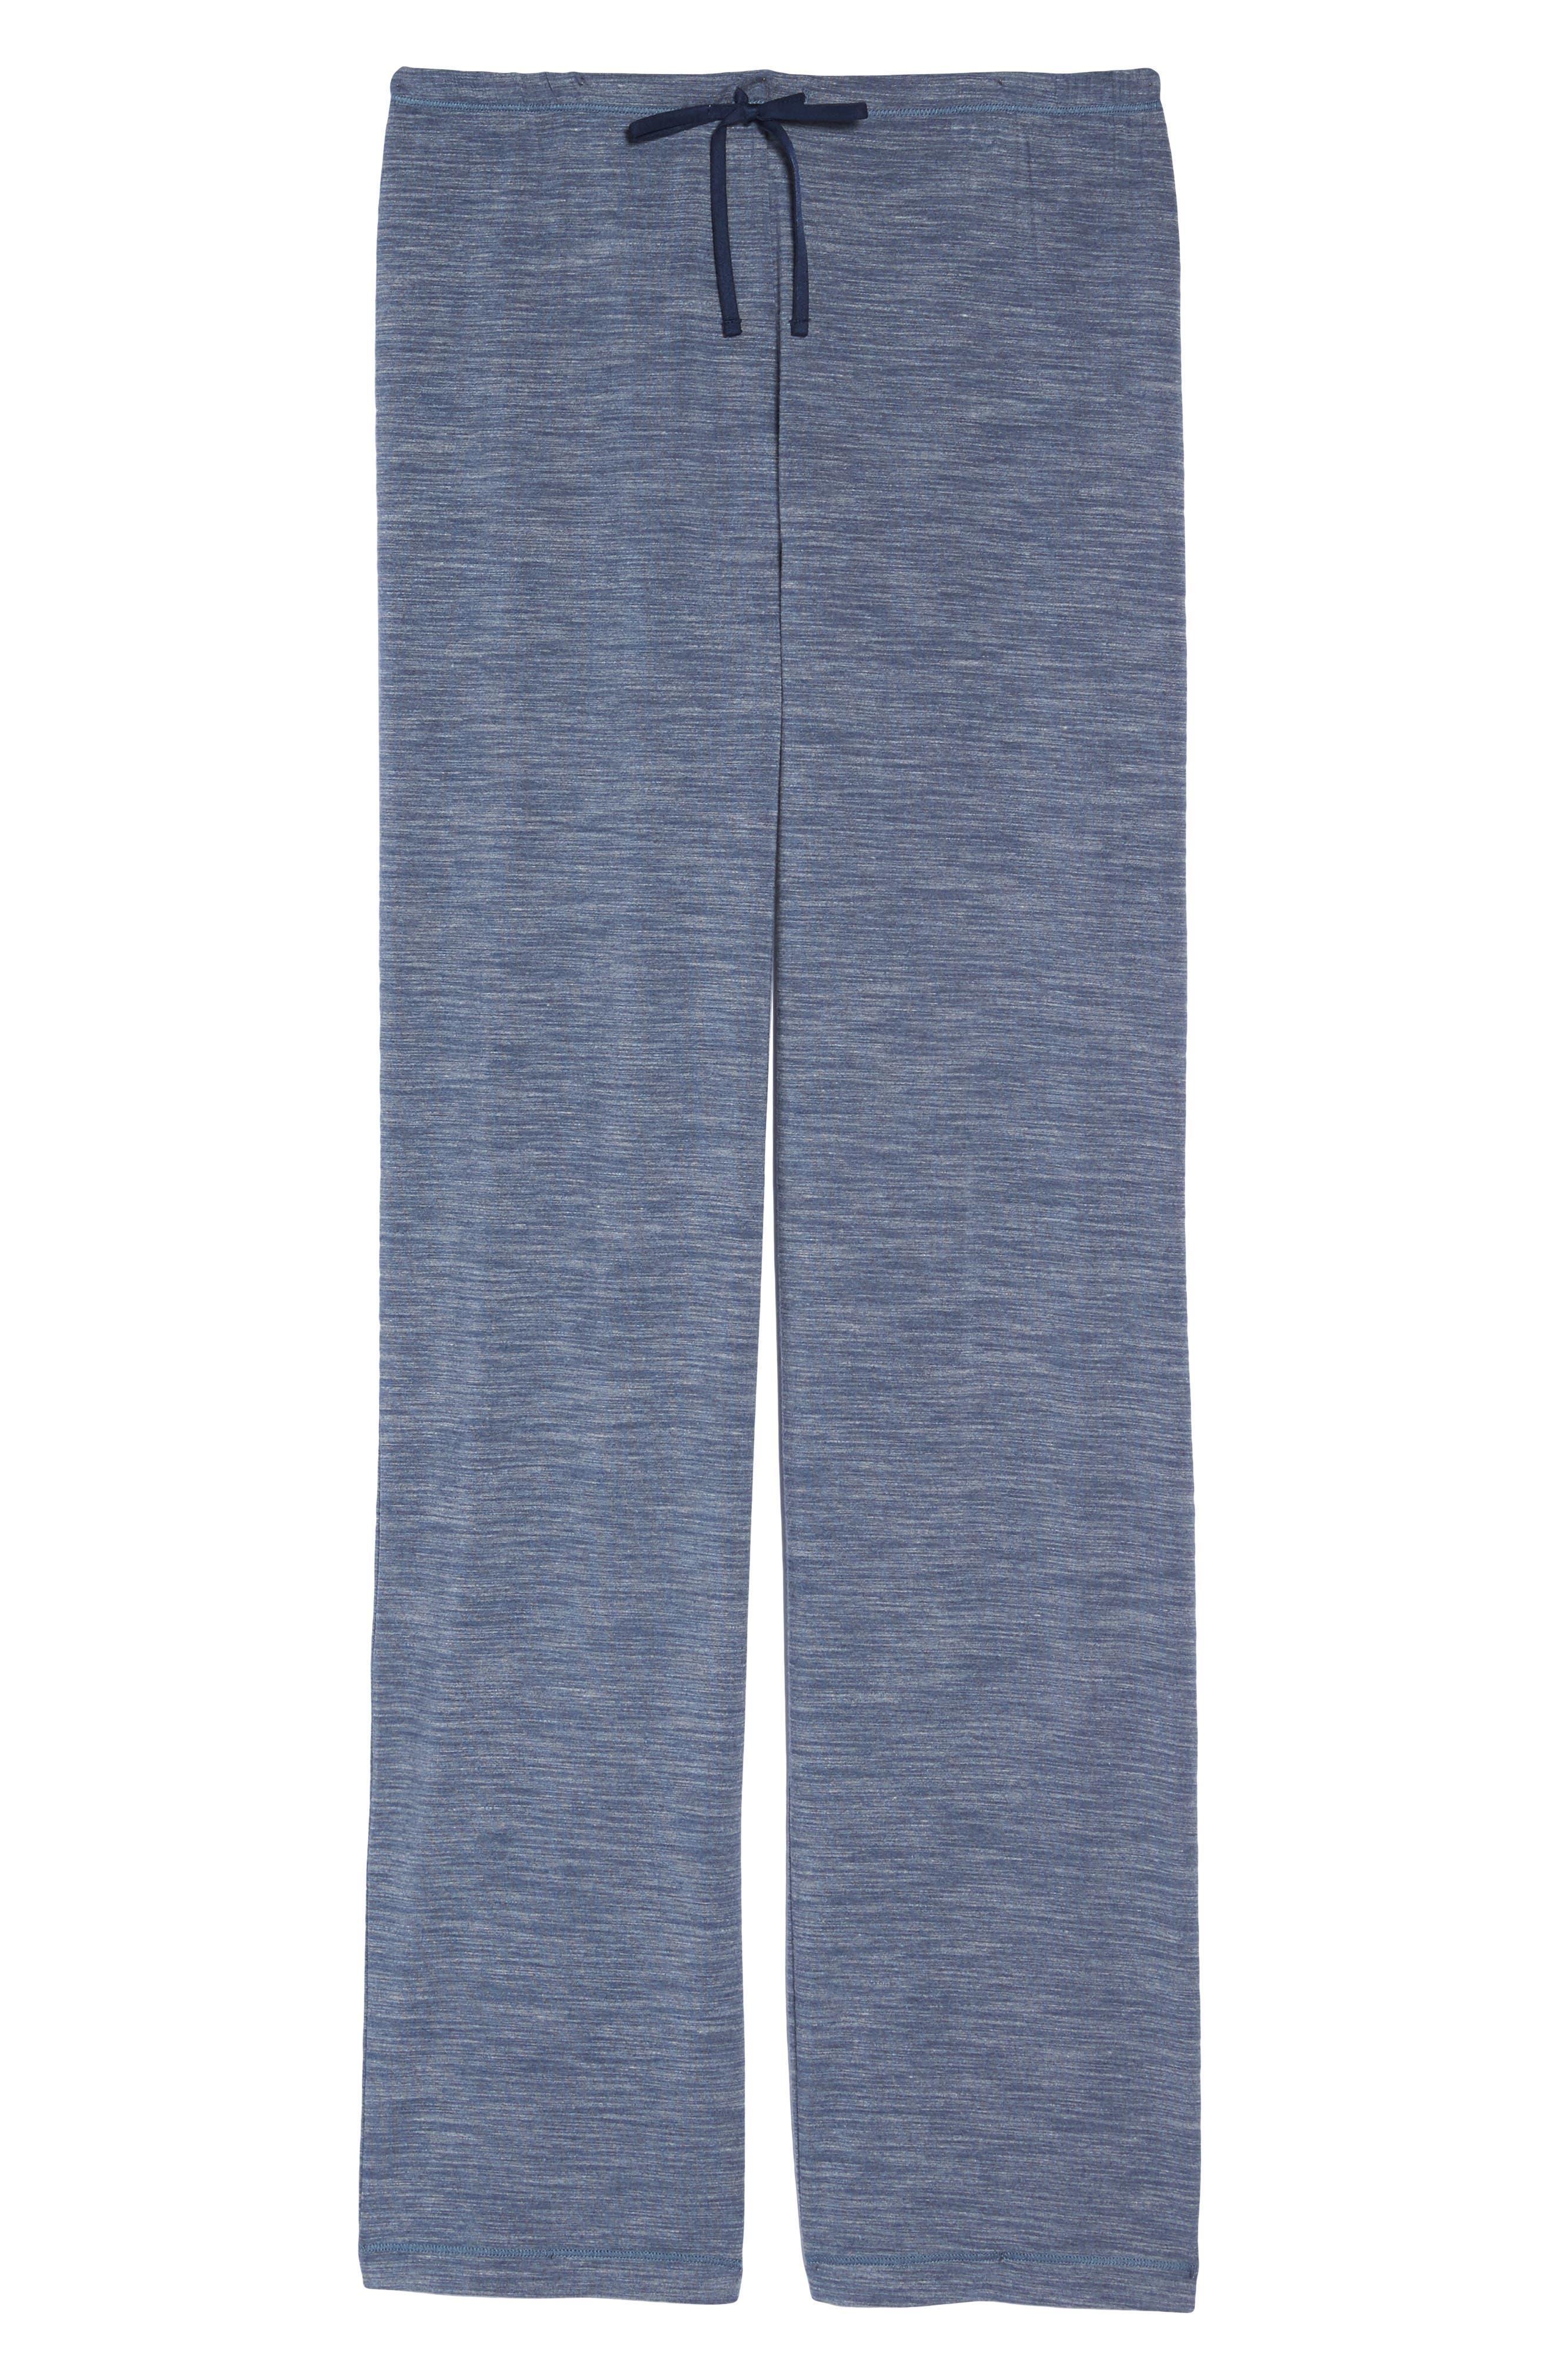 'City Essentials' Pants,                             Alternate thumbnail 4, color,                             Blue Prt